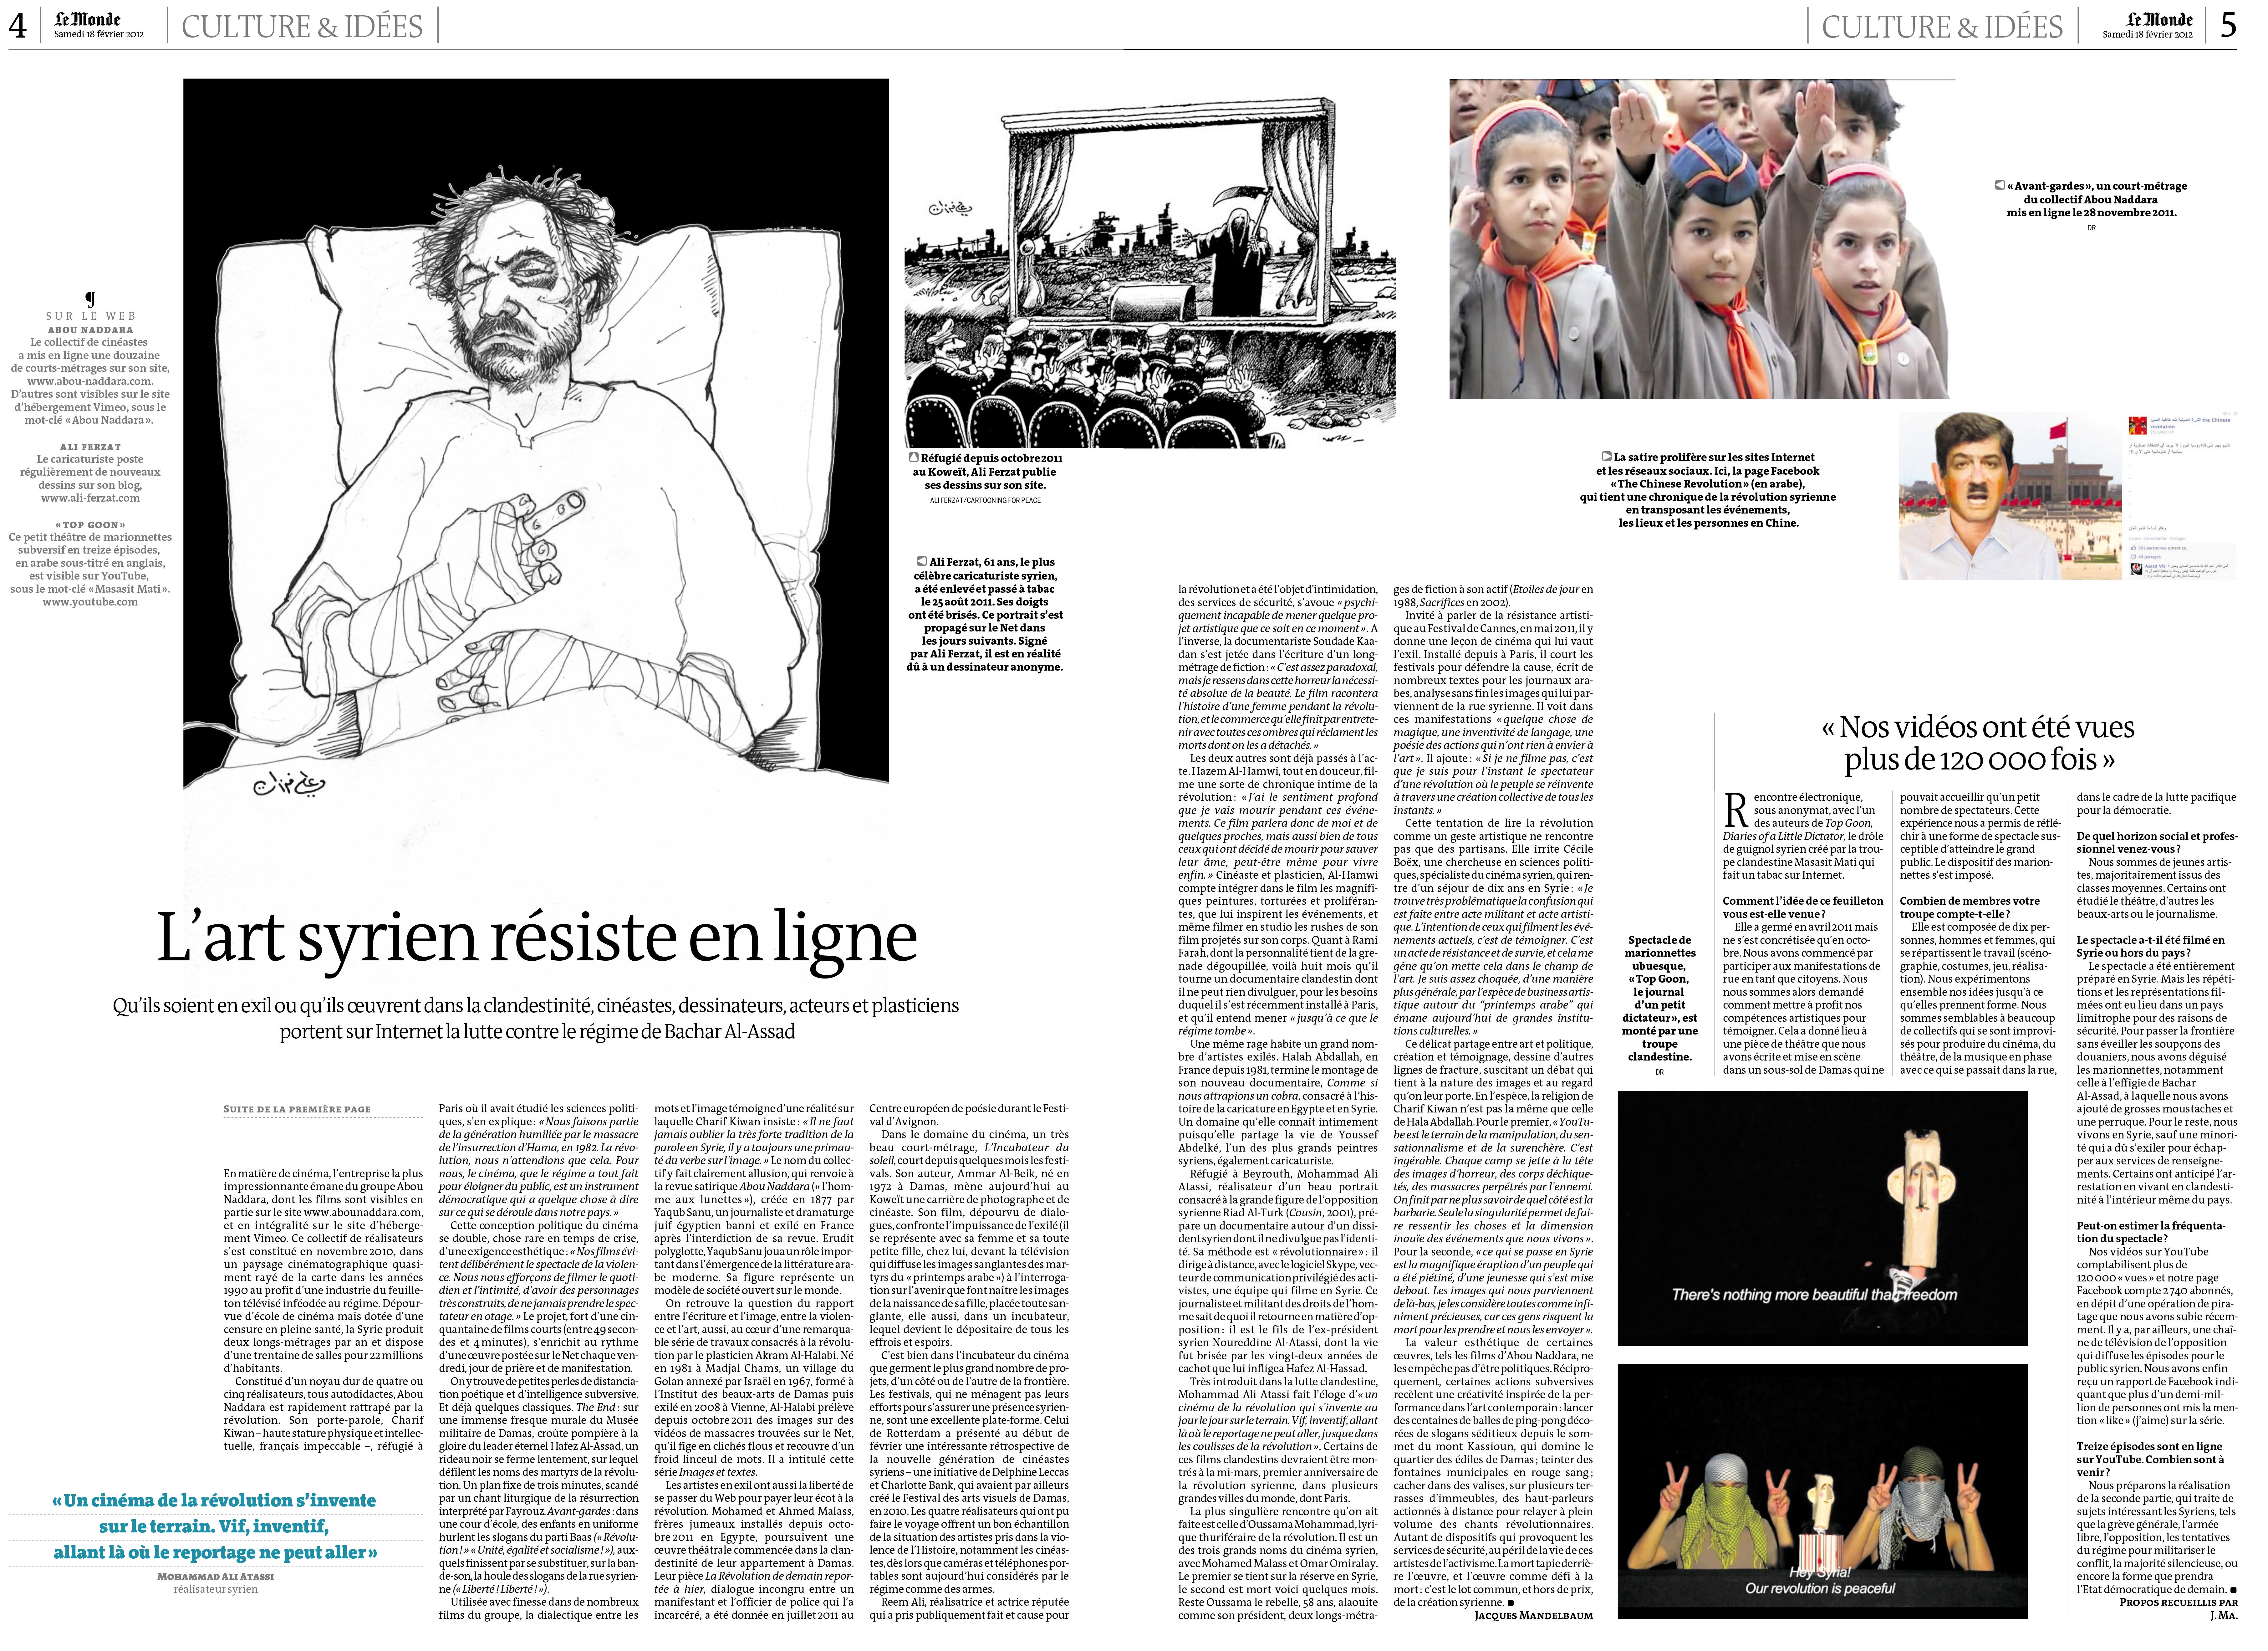 Article du Monde du 21 février 2012